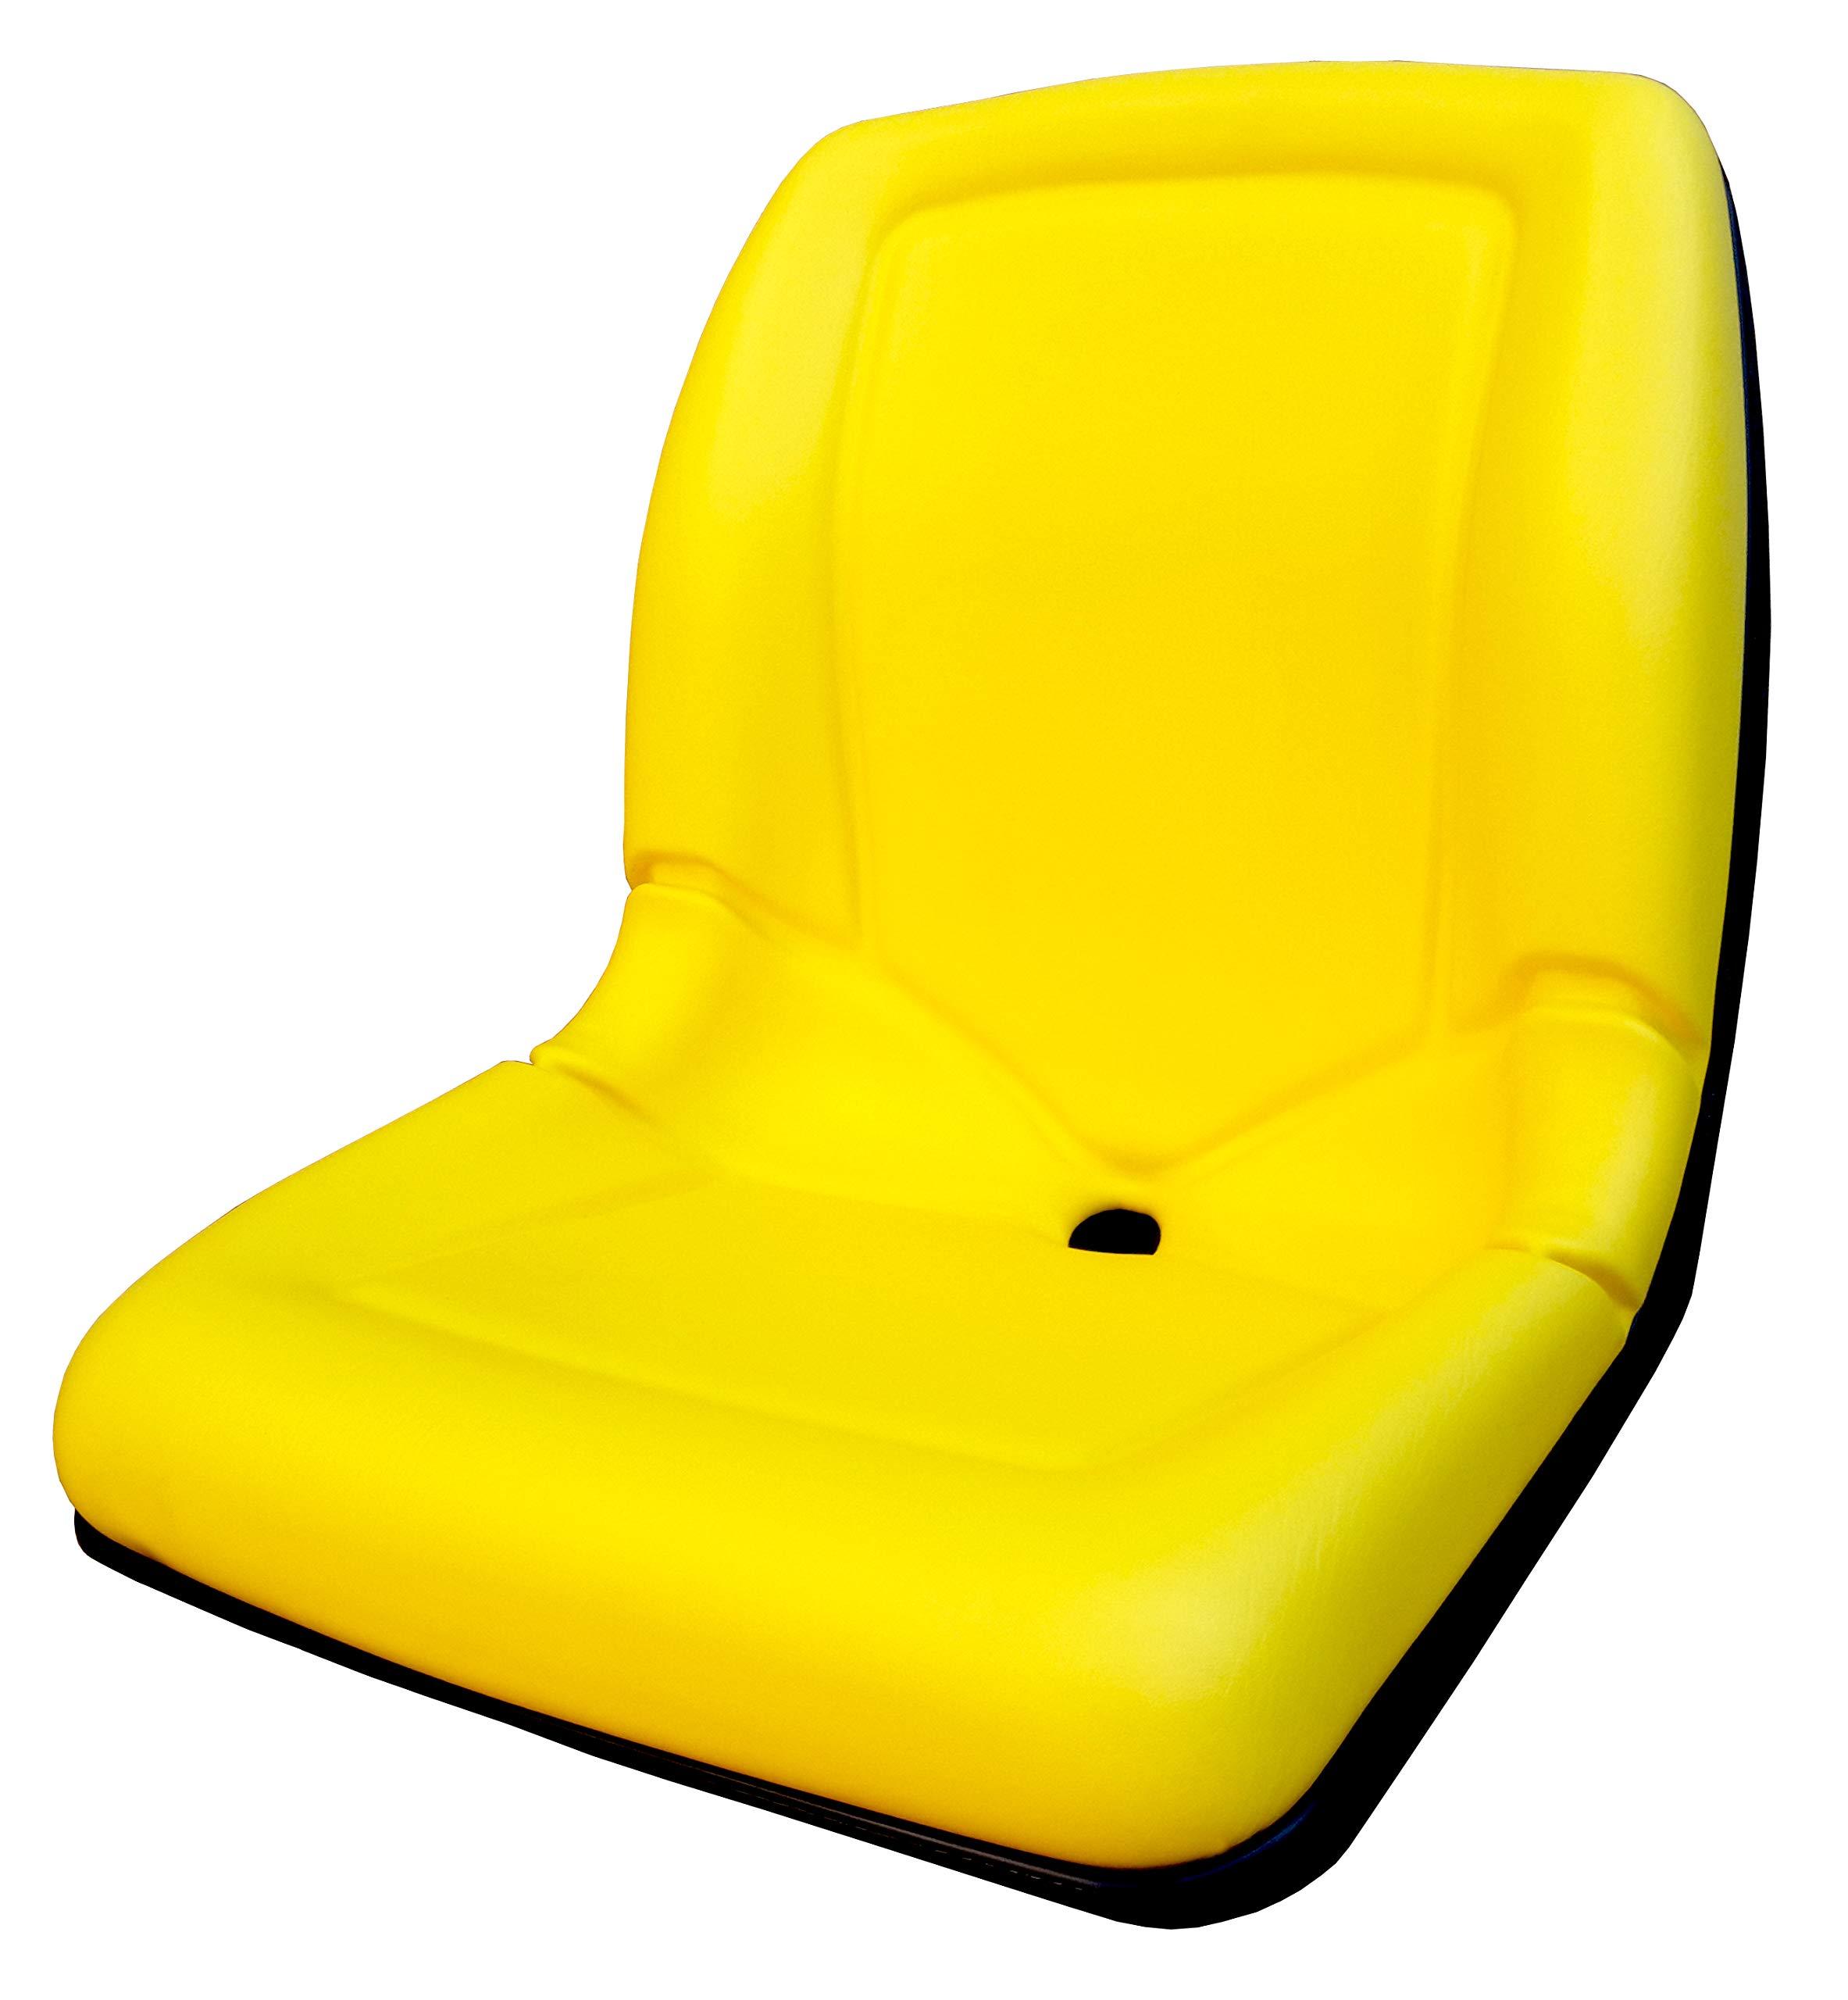 Star ST 1846 Yellow 18'' Gator Seat (for 4X2, 6X4, 4X4, CX E TE TH Trail Turf, John Deere: AM123636, AM129968, VG11696, VG12160, AM121752, AM129969 & All KUBOTA)